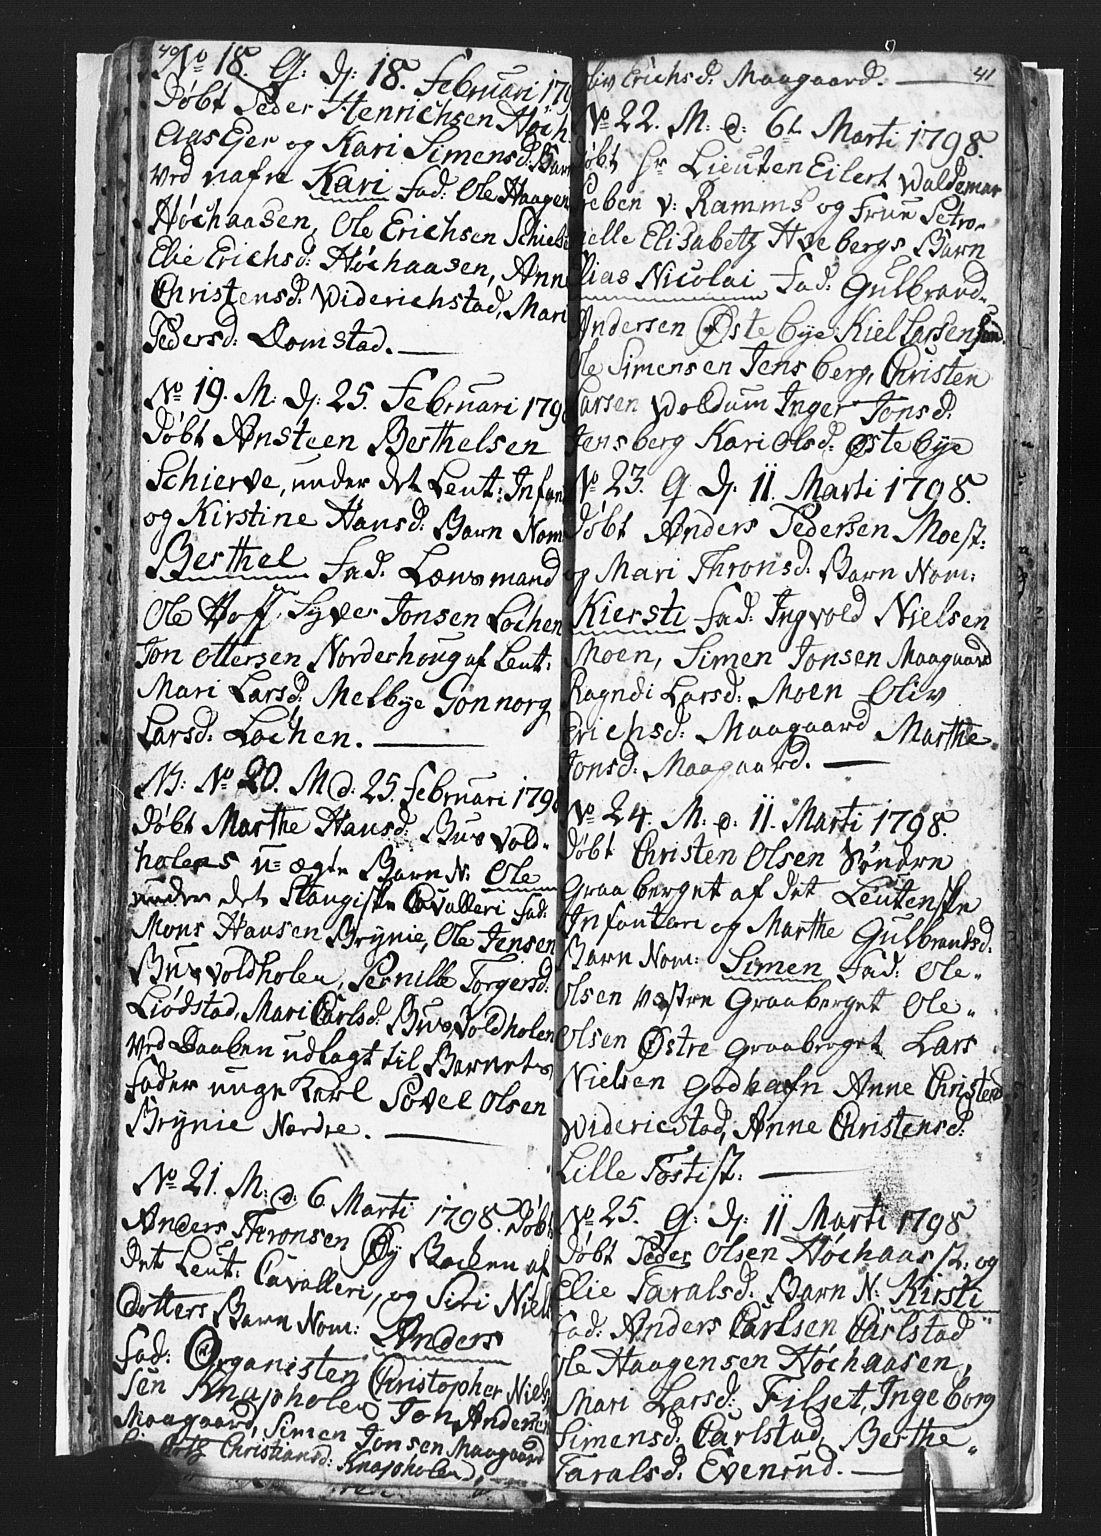 SAH, Romedal prestekontor, L/L0002: Klokkerbok nr. 2, 1795-1800, s. 40-41